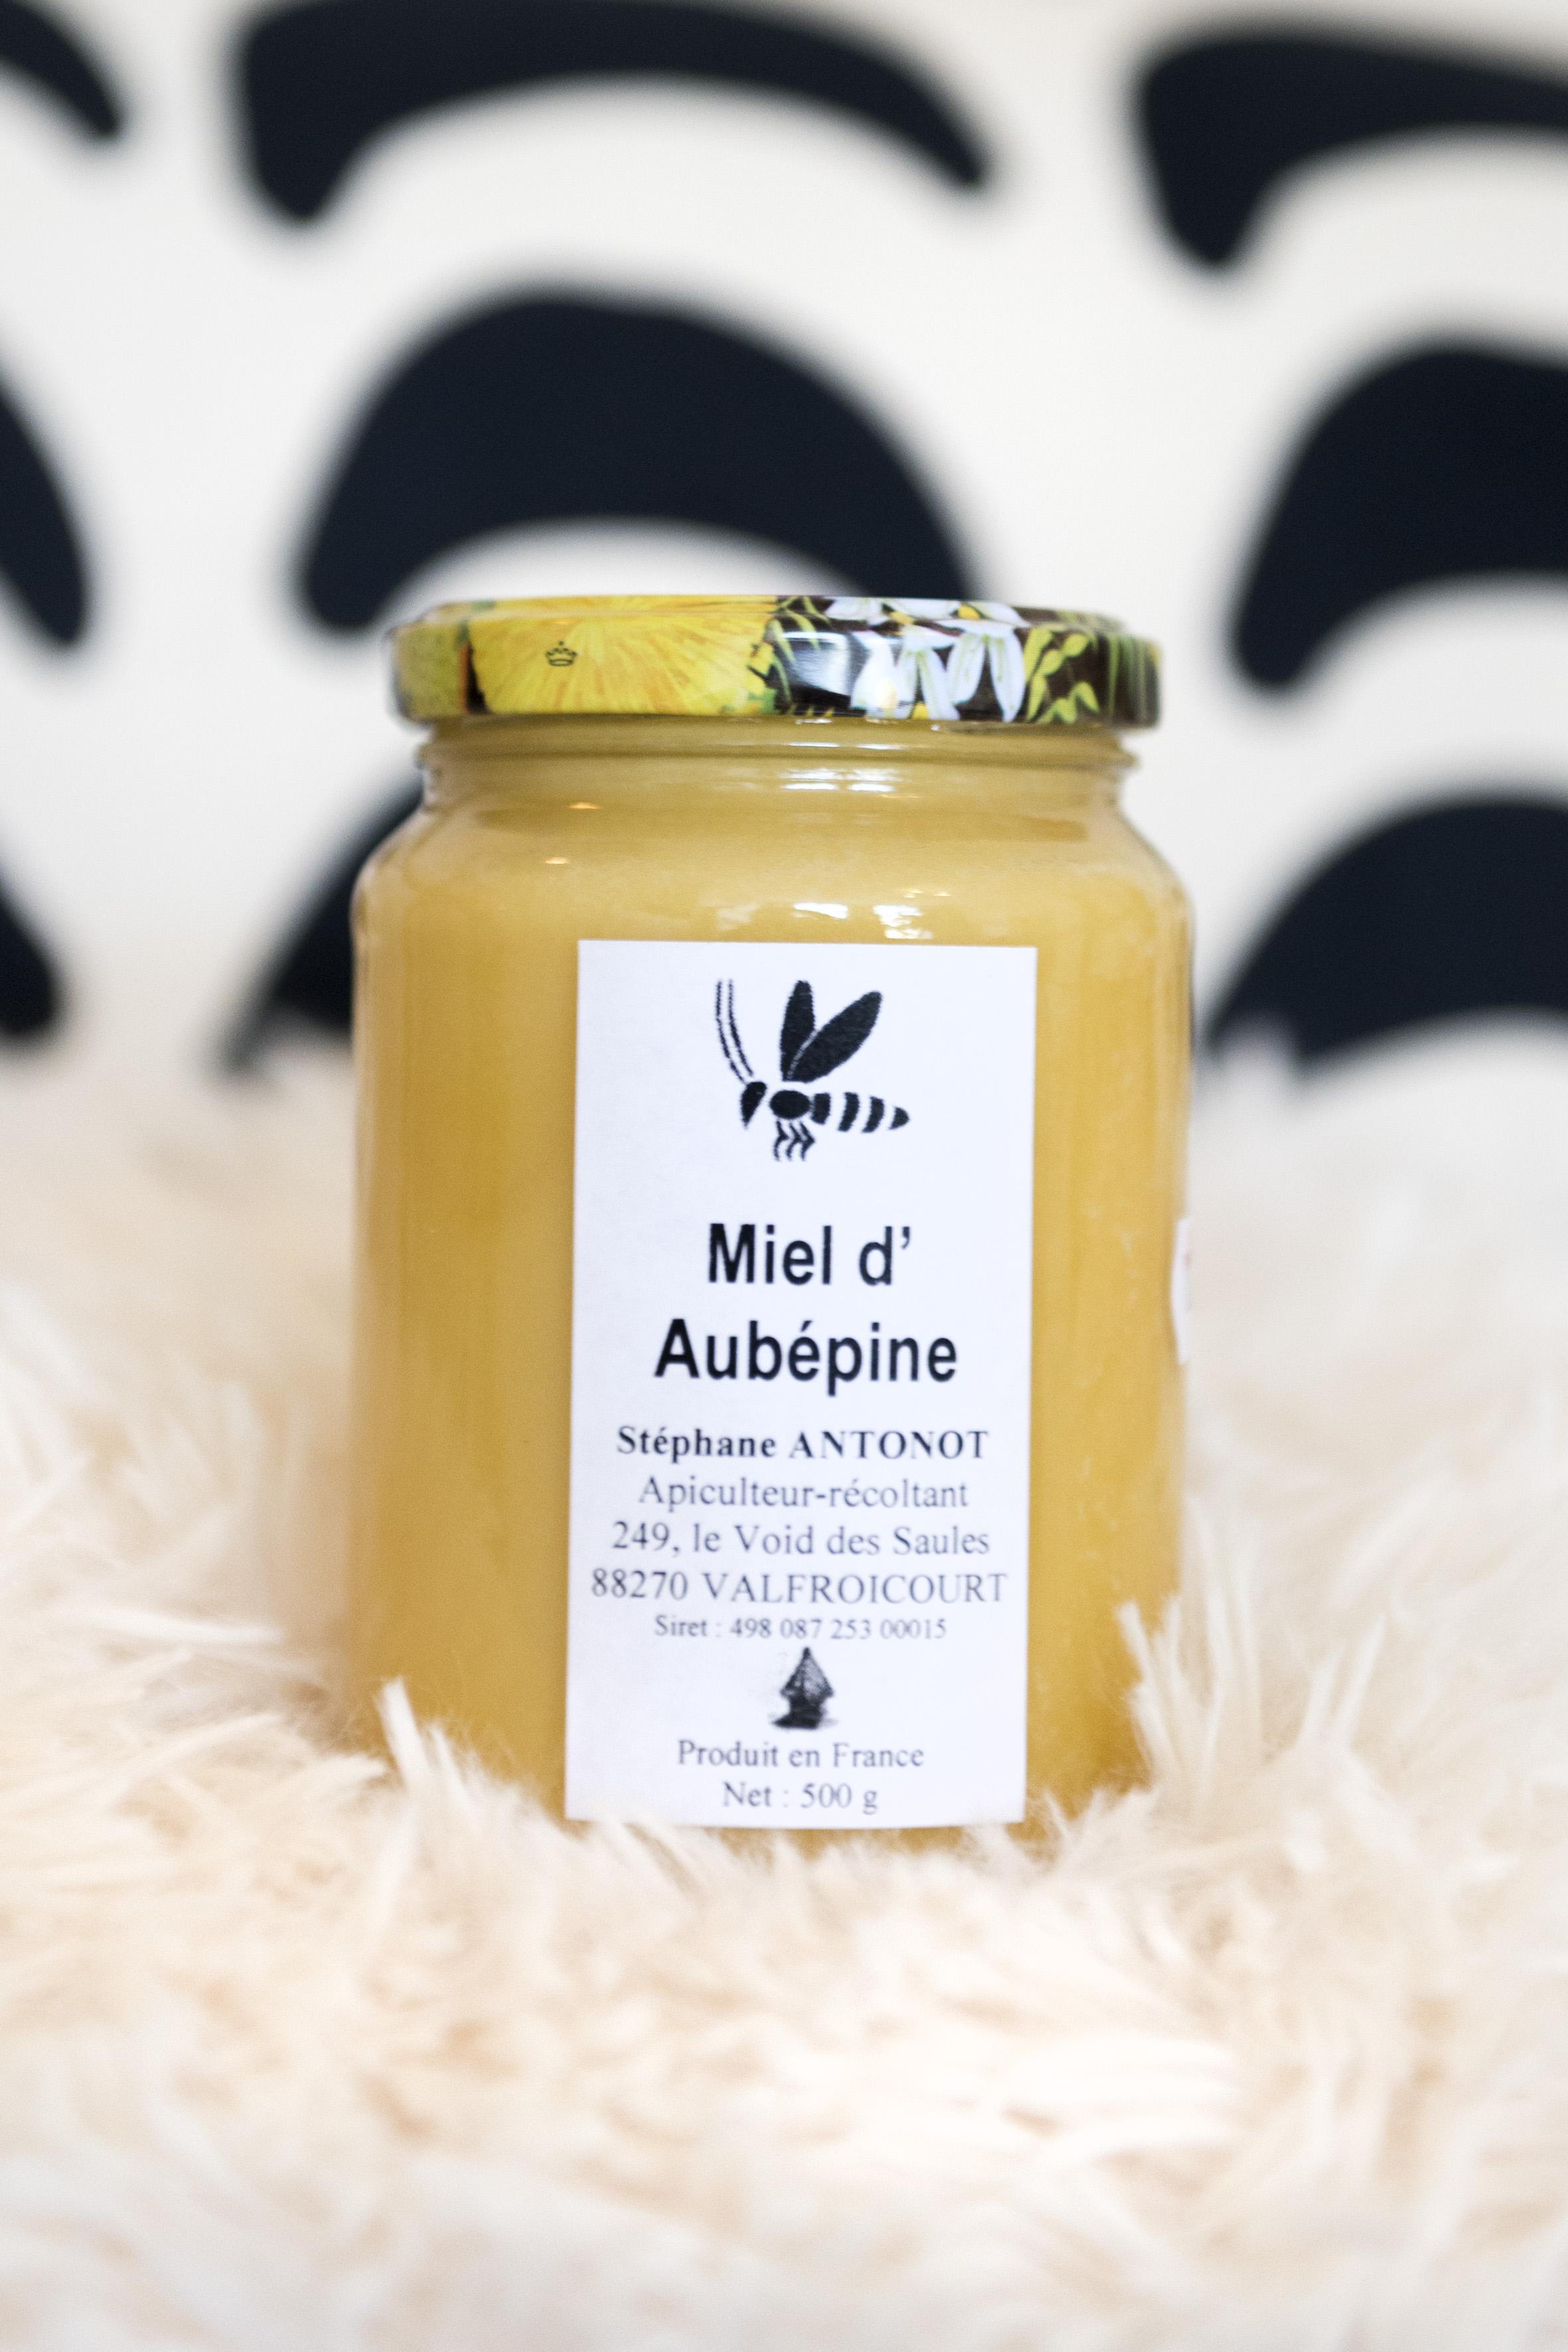 Photographie de face d'un pot de miel d'aubépine.